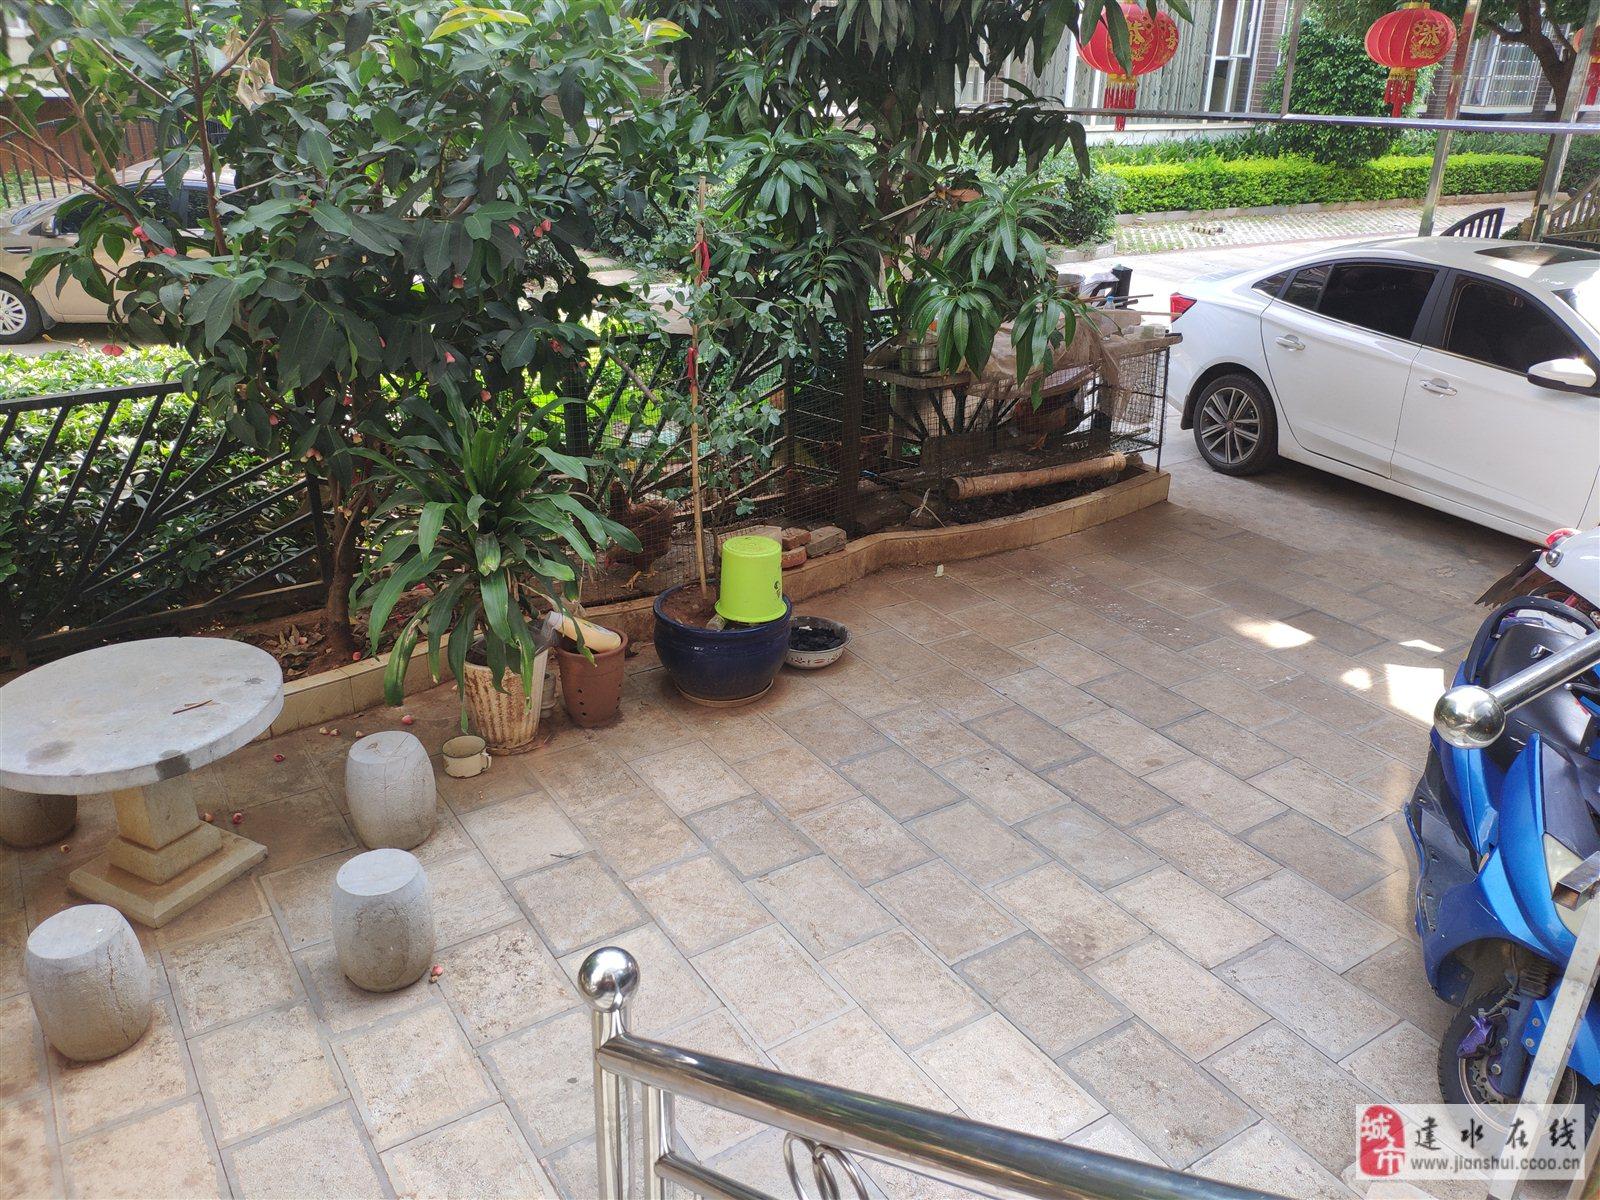 建水盛世临安3室2厅2卫一楼带花园130万元 2019-1016